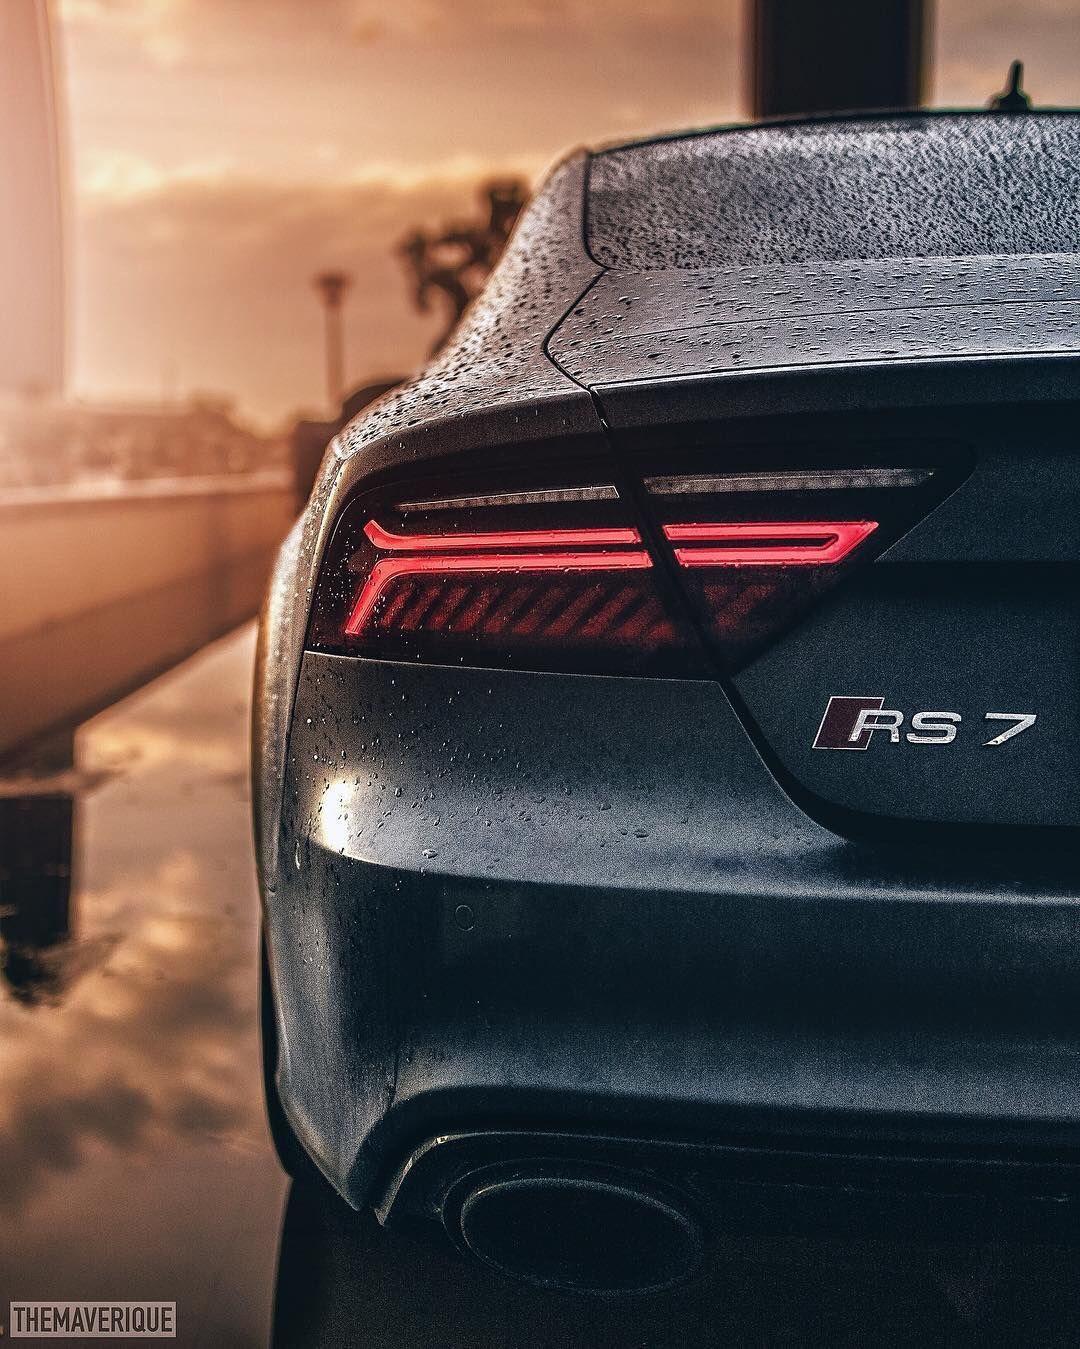 44 Audi Rs7 Wallpaper On Wallpapersafari